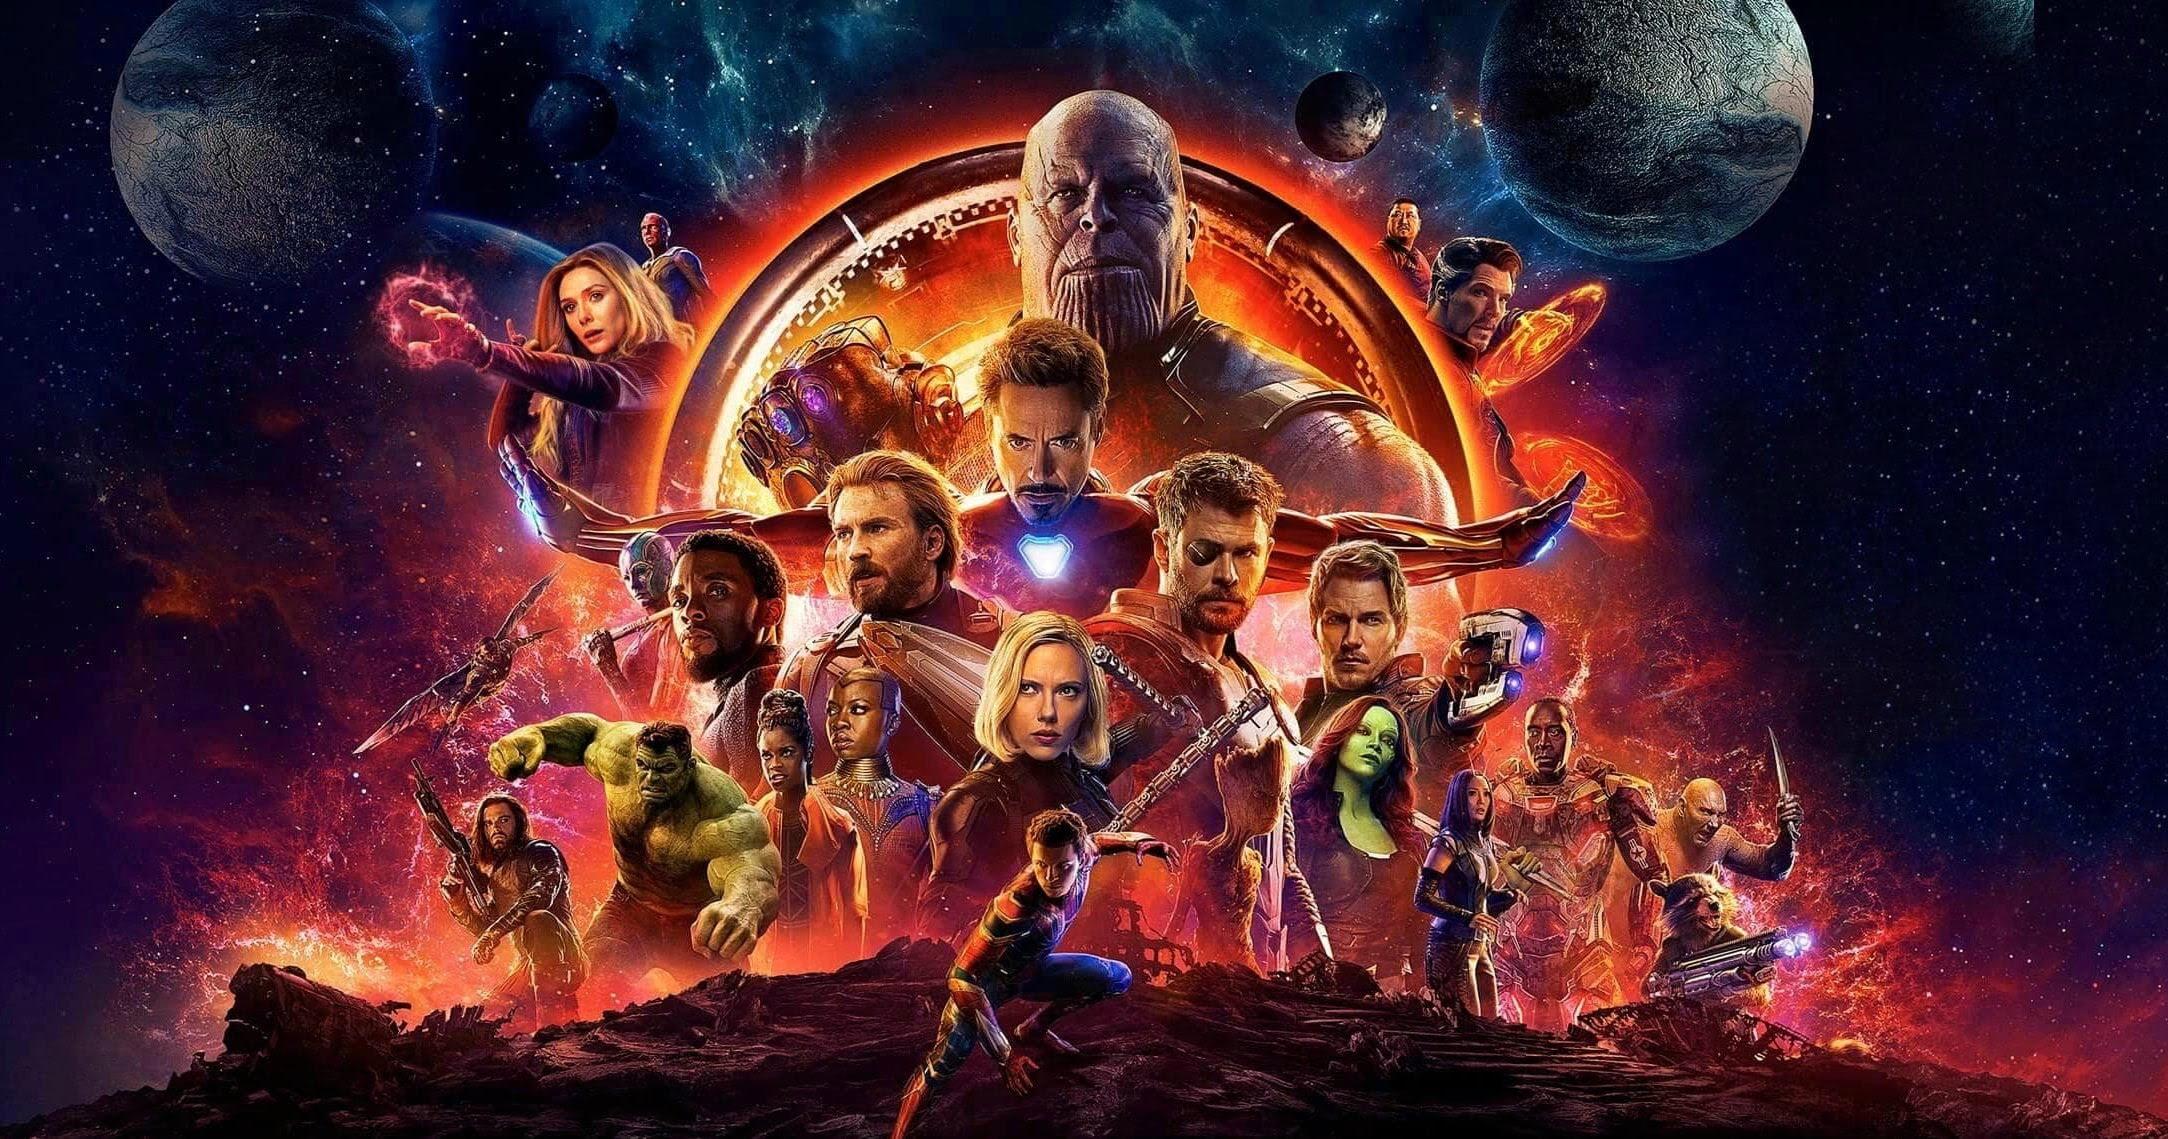 Avengers 4 Promo Art :「アベンジャーズ」シリーズが最初のクライマックスを迎える待望の第4作めで、対サノスとの再戦に向けて、ヒーローたちが身につける新しいコスチュームがネタバレされたかもしれないプロモ・アート ! !